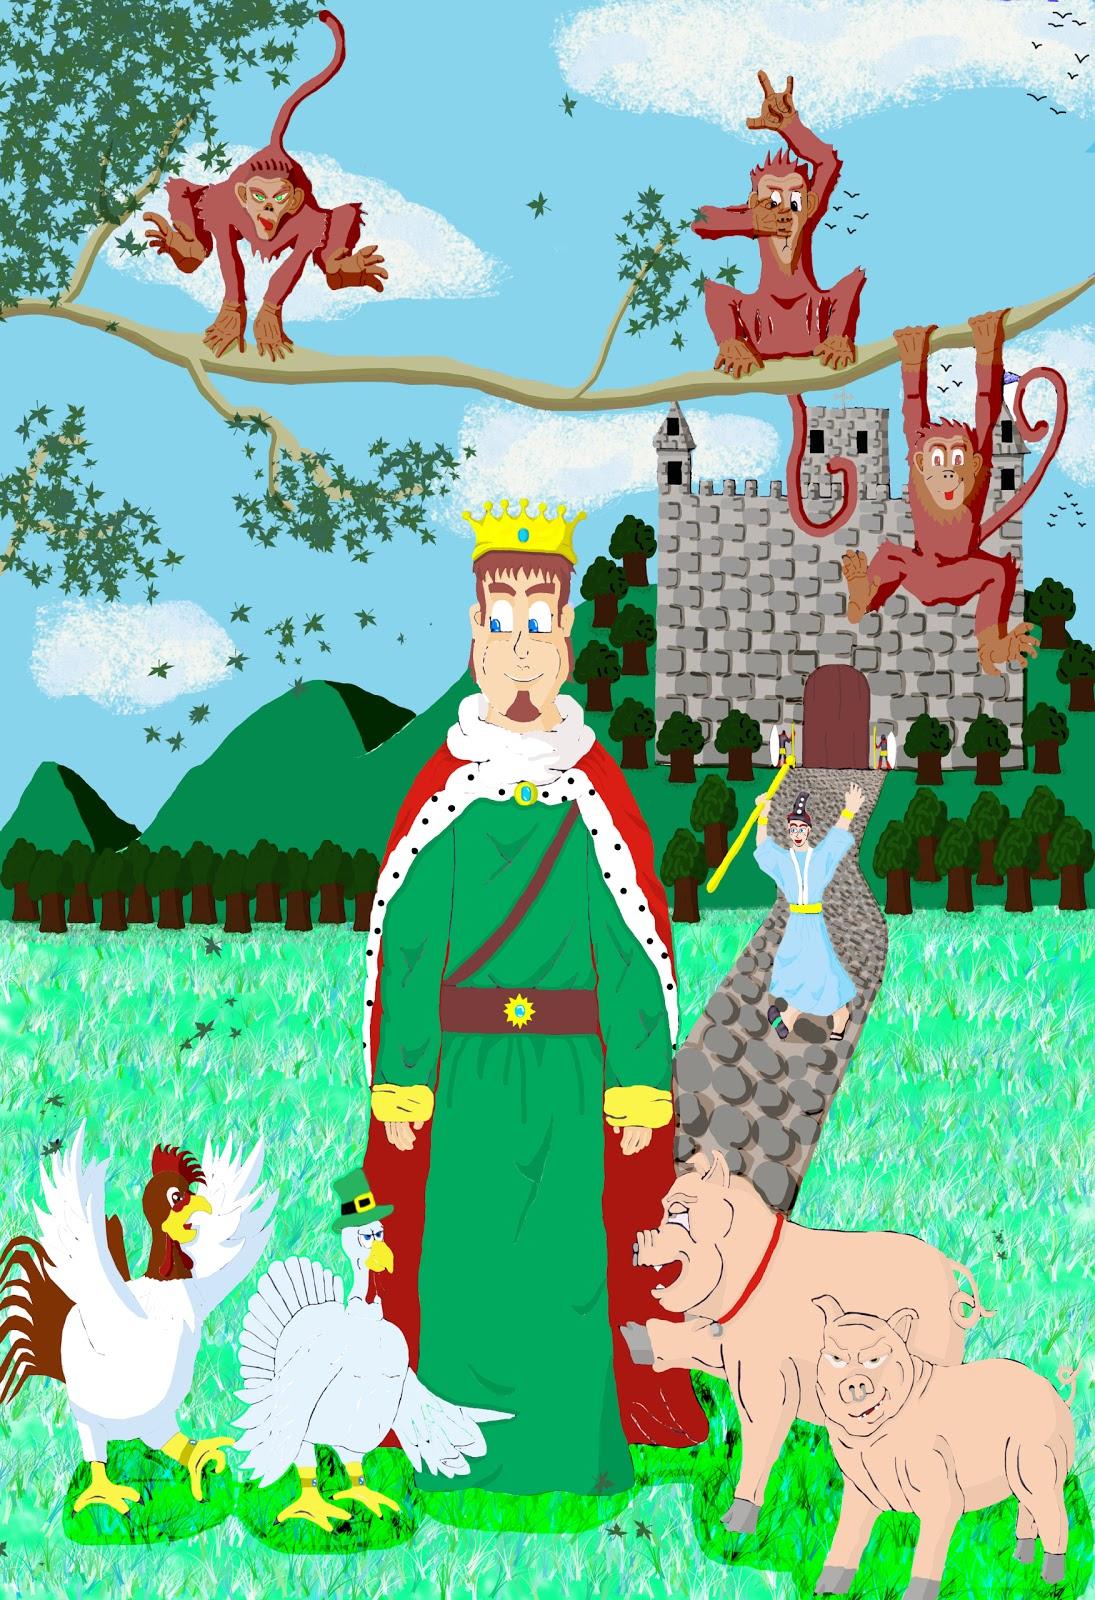 Historietas El Rey Y La Granja En Busca De La Cena Navideña